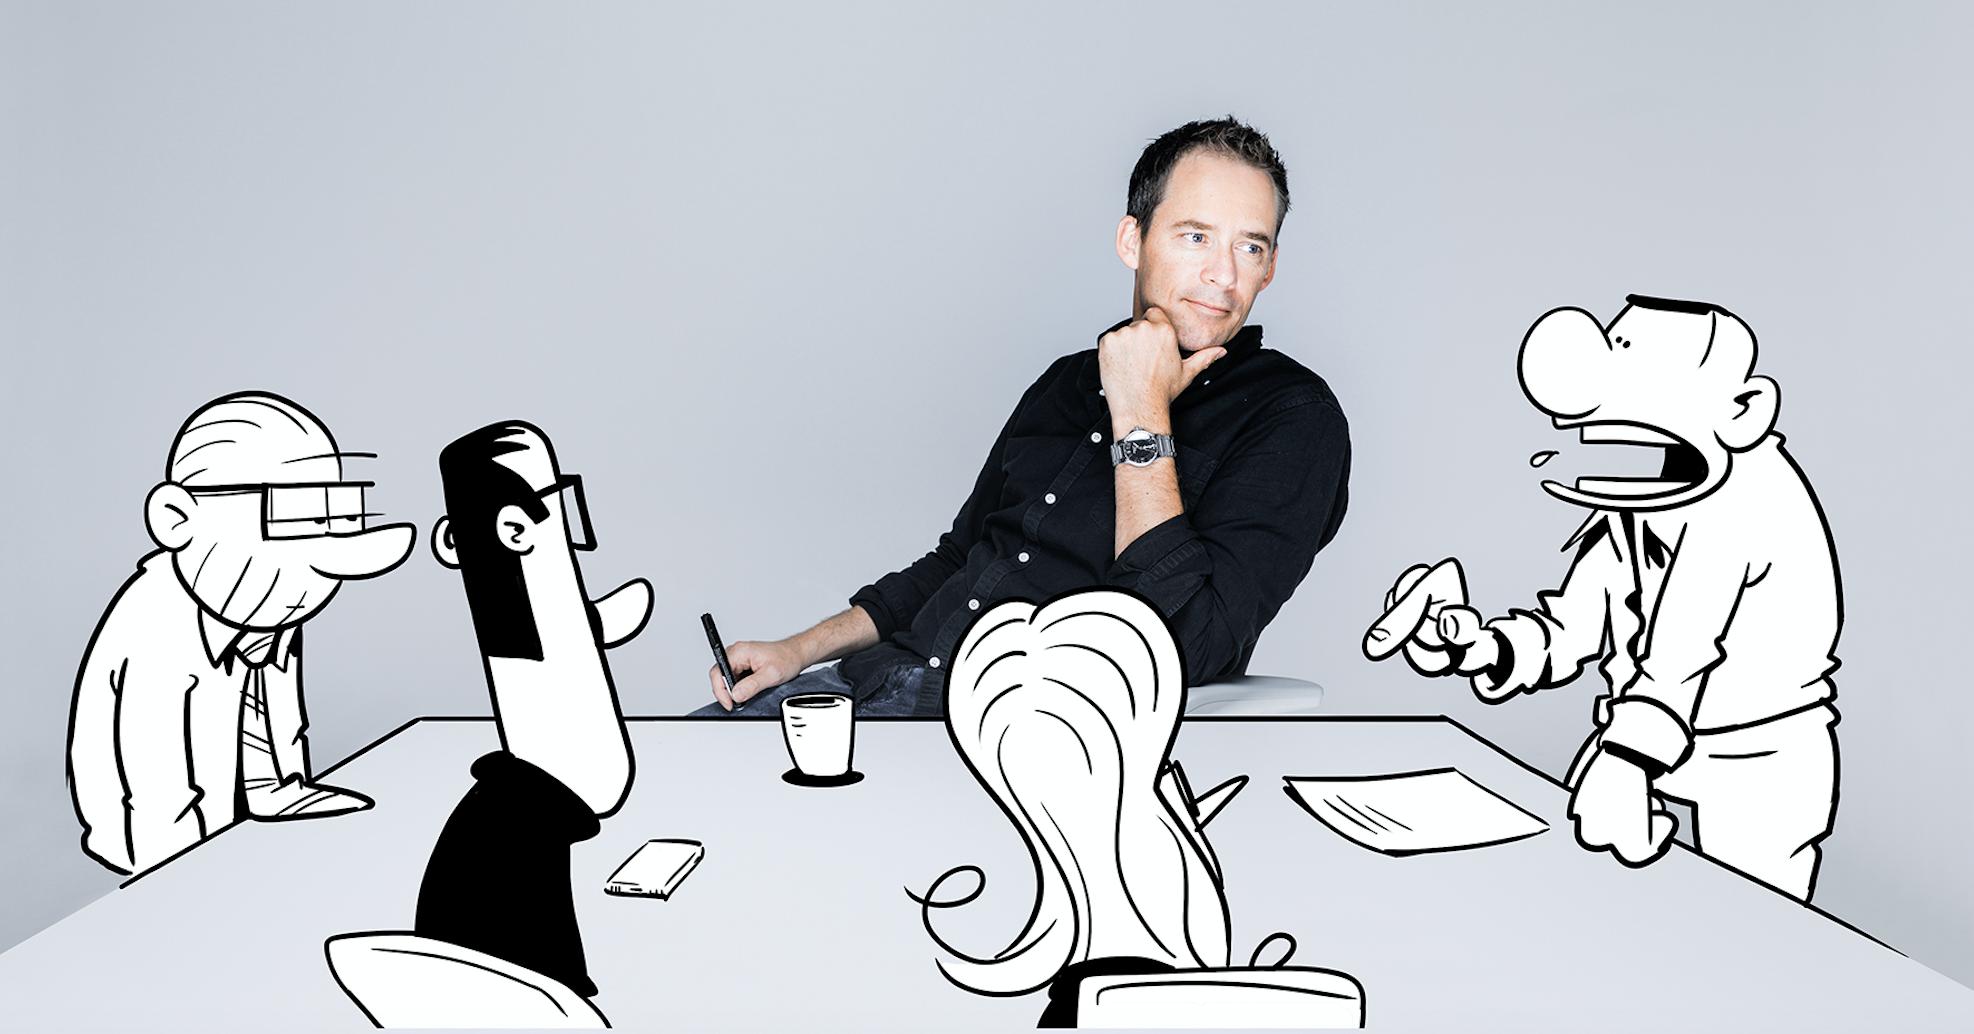 Børge Lund, serieskaperen bak LUNCH